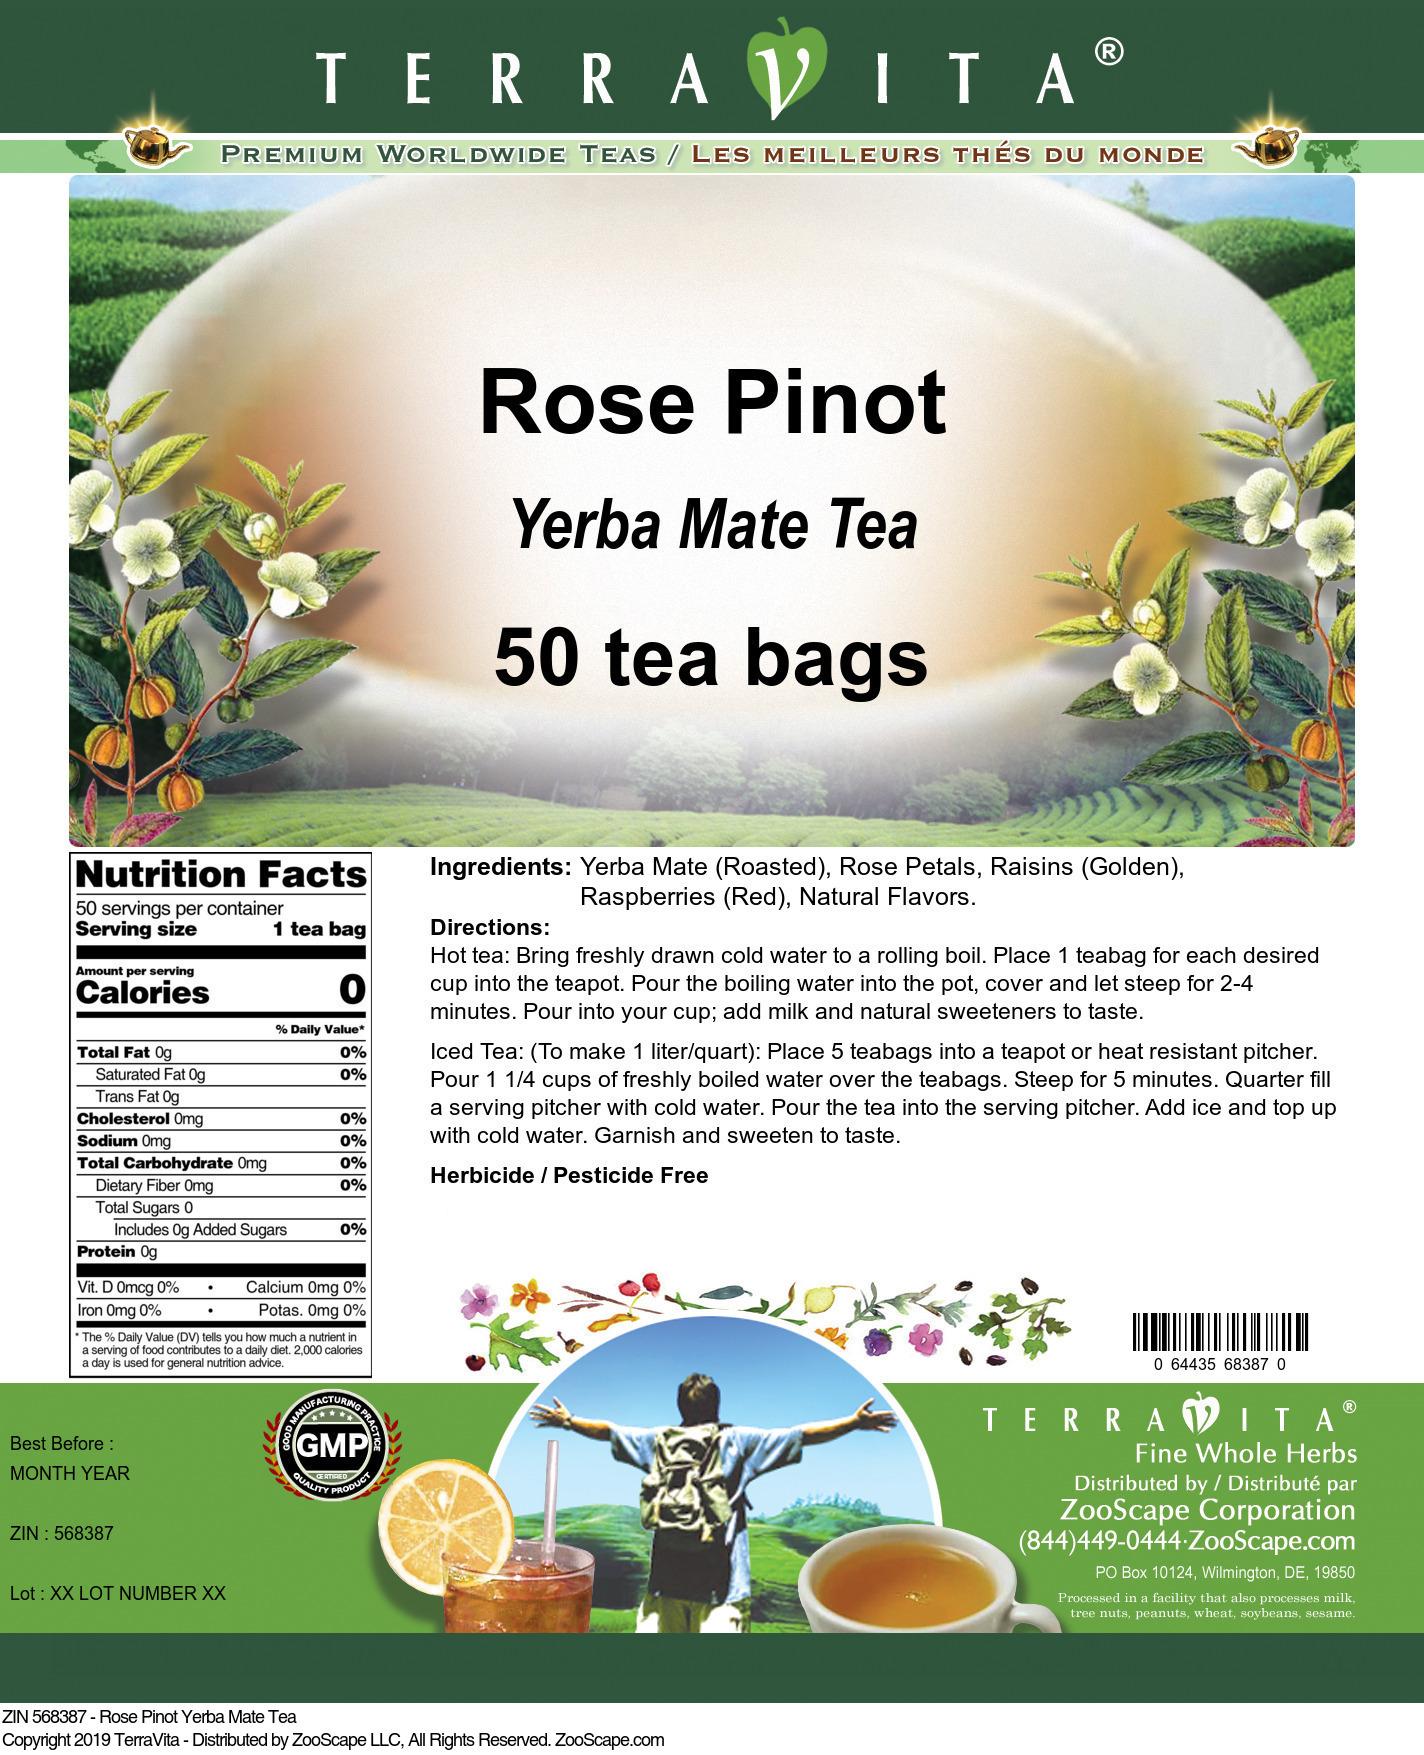 Rose Pinot Yerba Mate